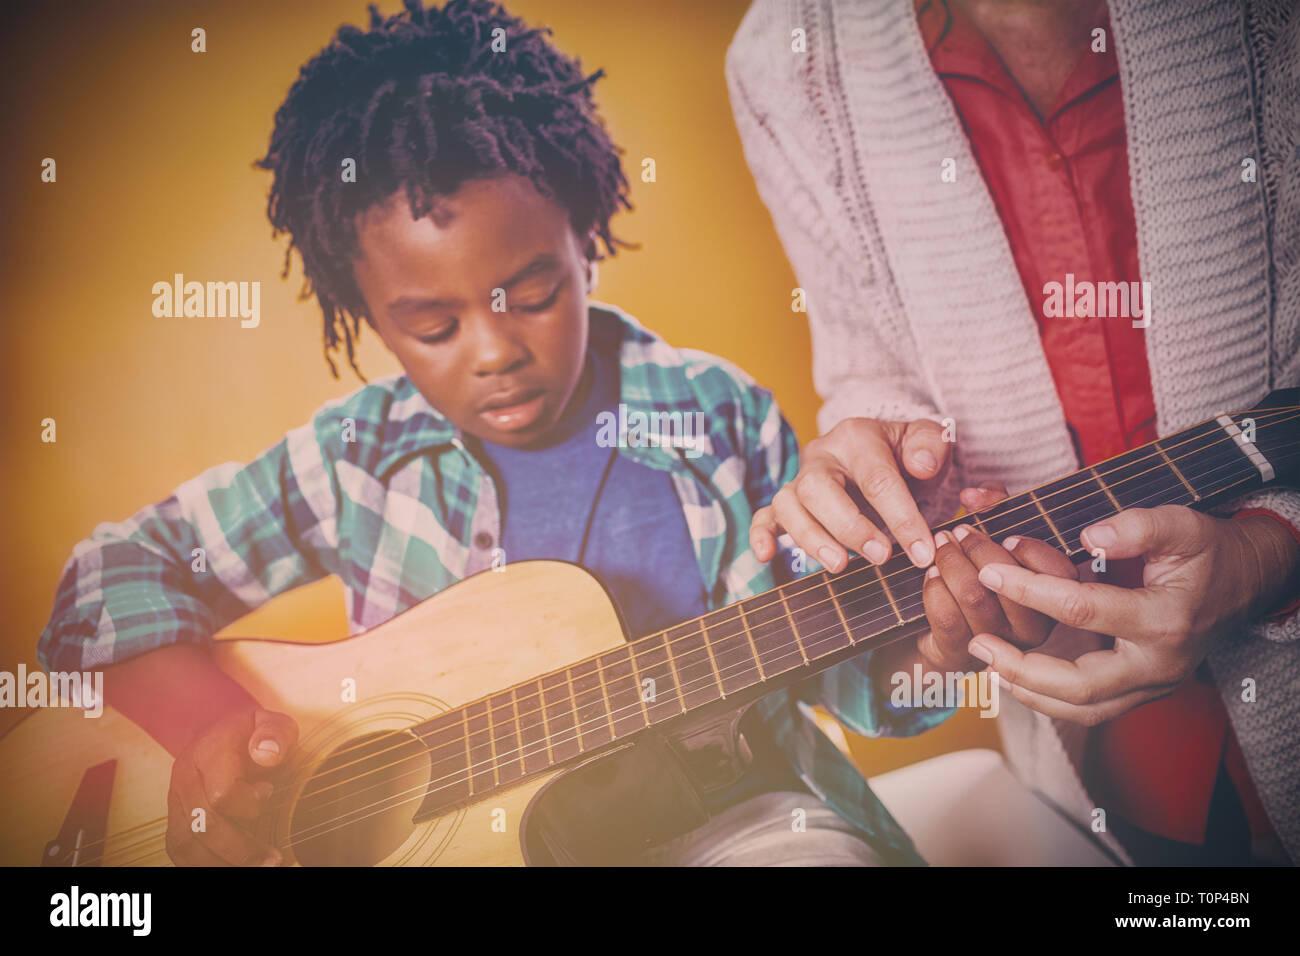 Jungen lernen Gitarre zu spielen. Stockfoto